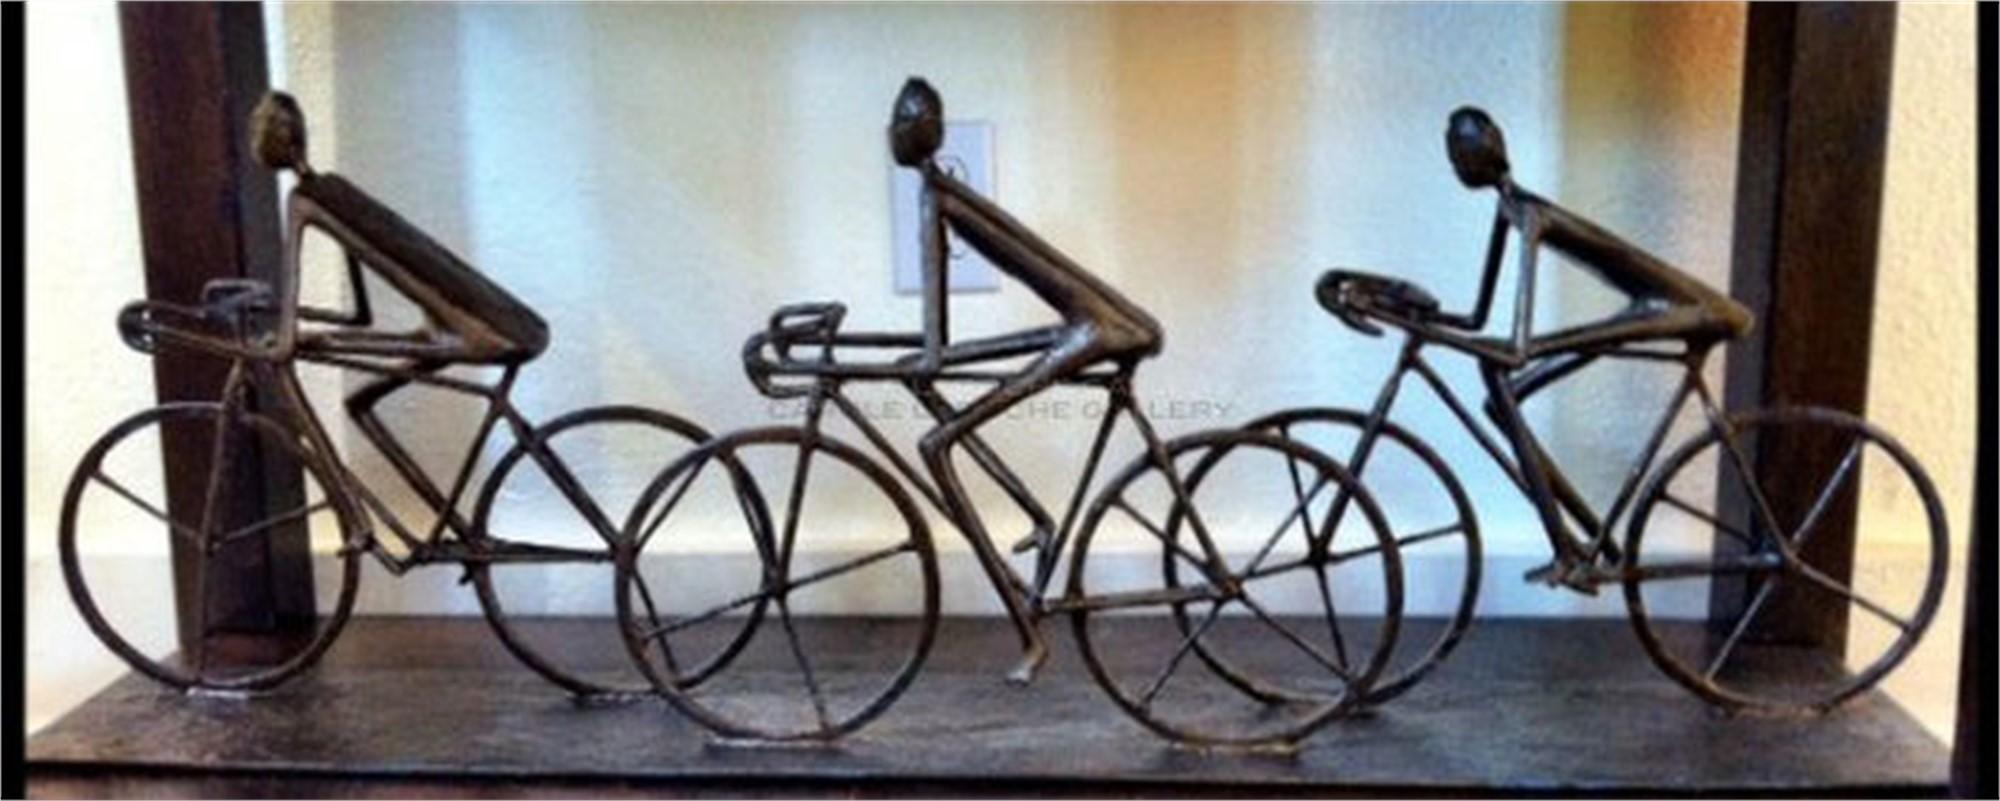 Afternoon Ride   by Allen Wynn